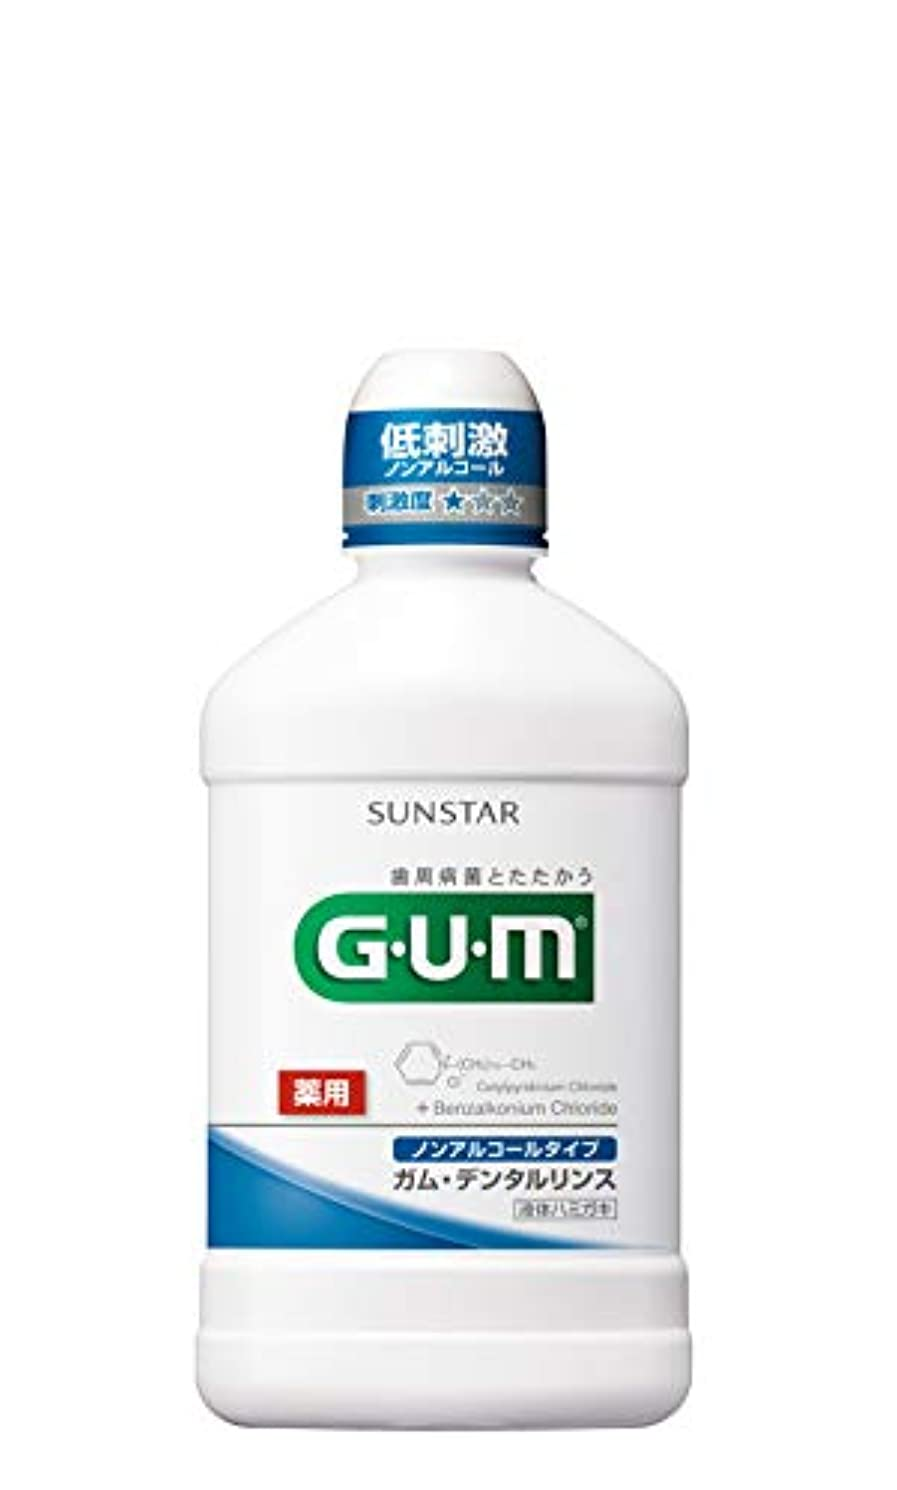 好きである家畜失効[医薬部外品] GUM(ガム) デンタルリンス ノンアルコールタイプ 薬用液体ハミガキ 250ML <歯周病予防 口臭予防>